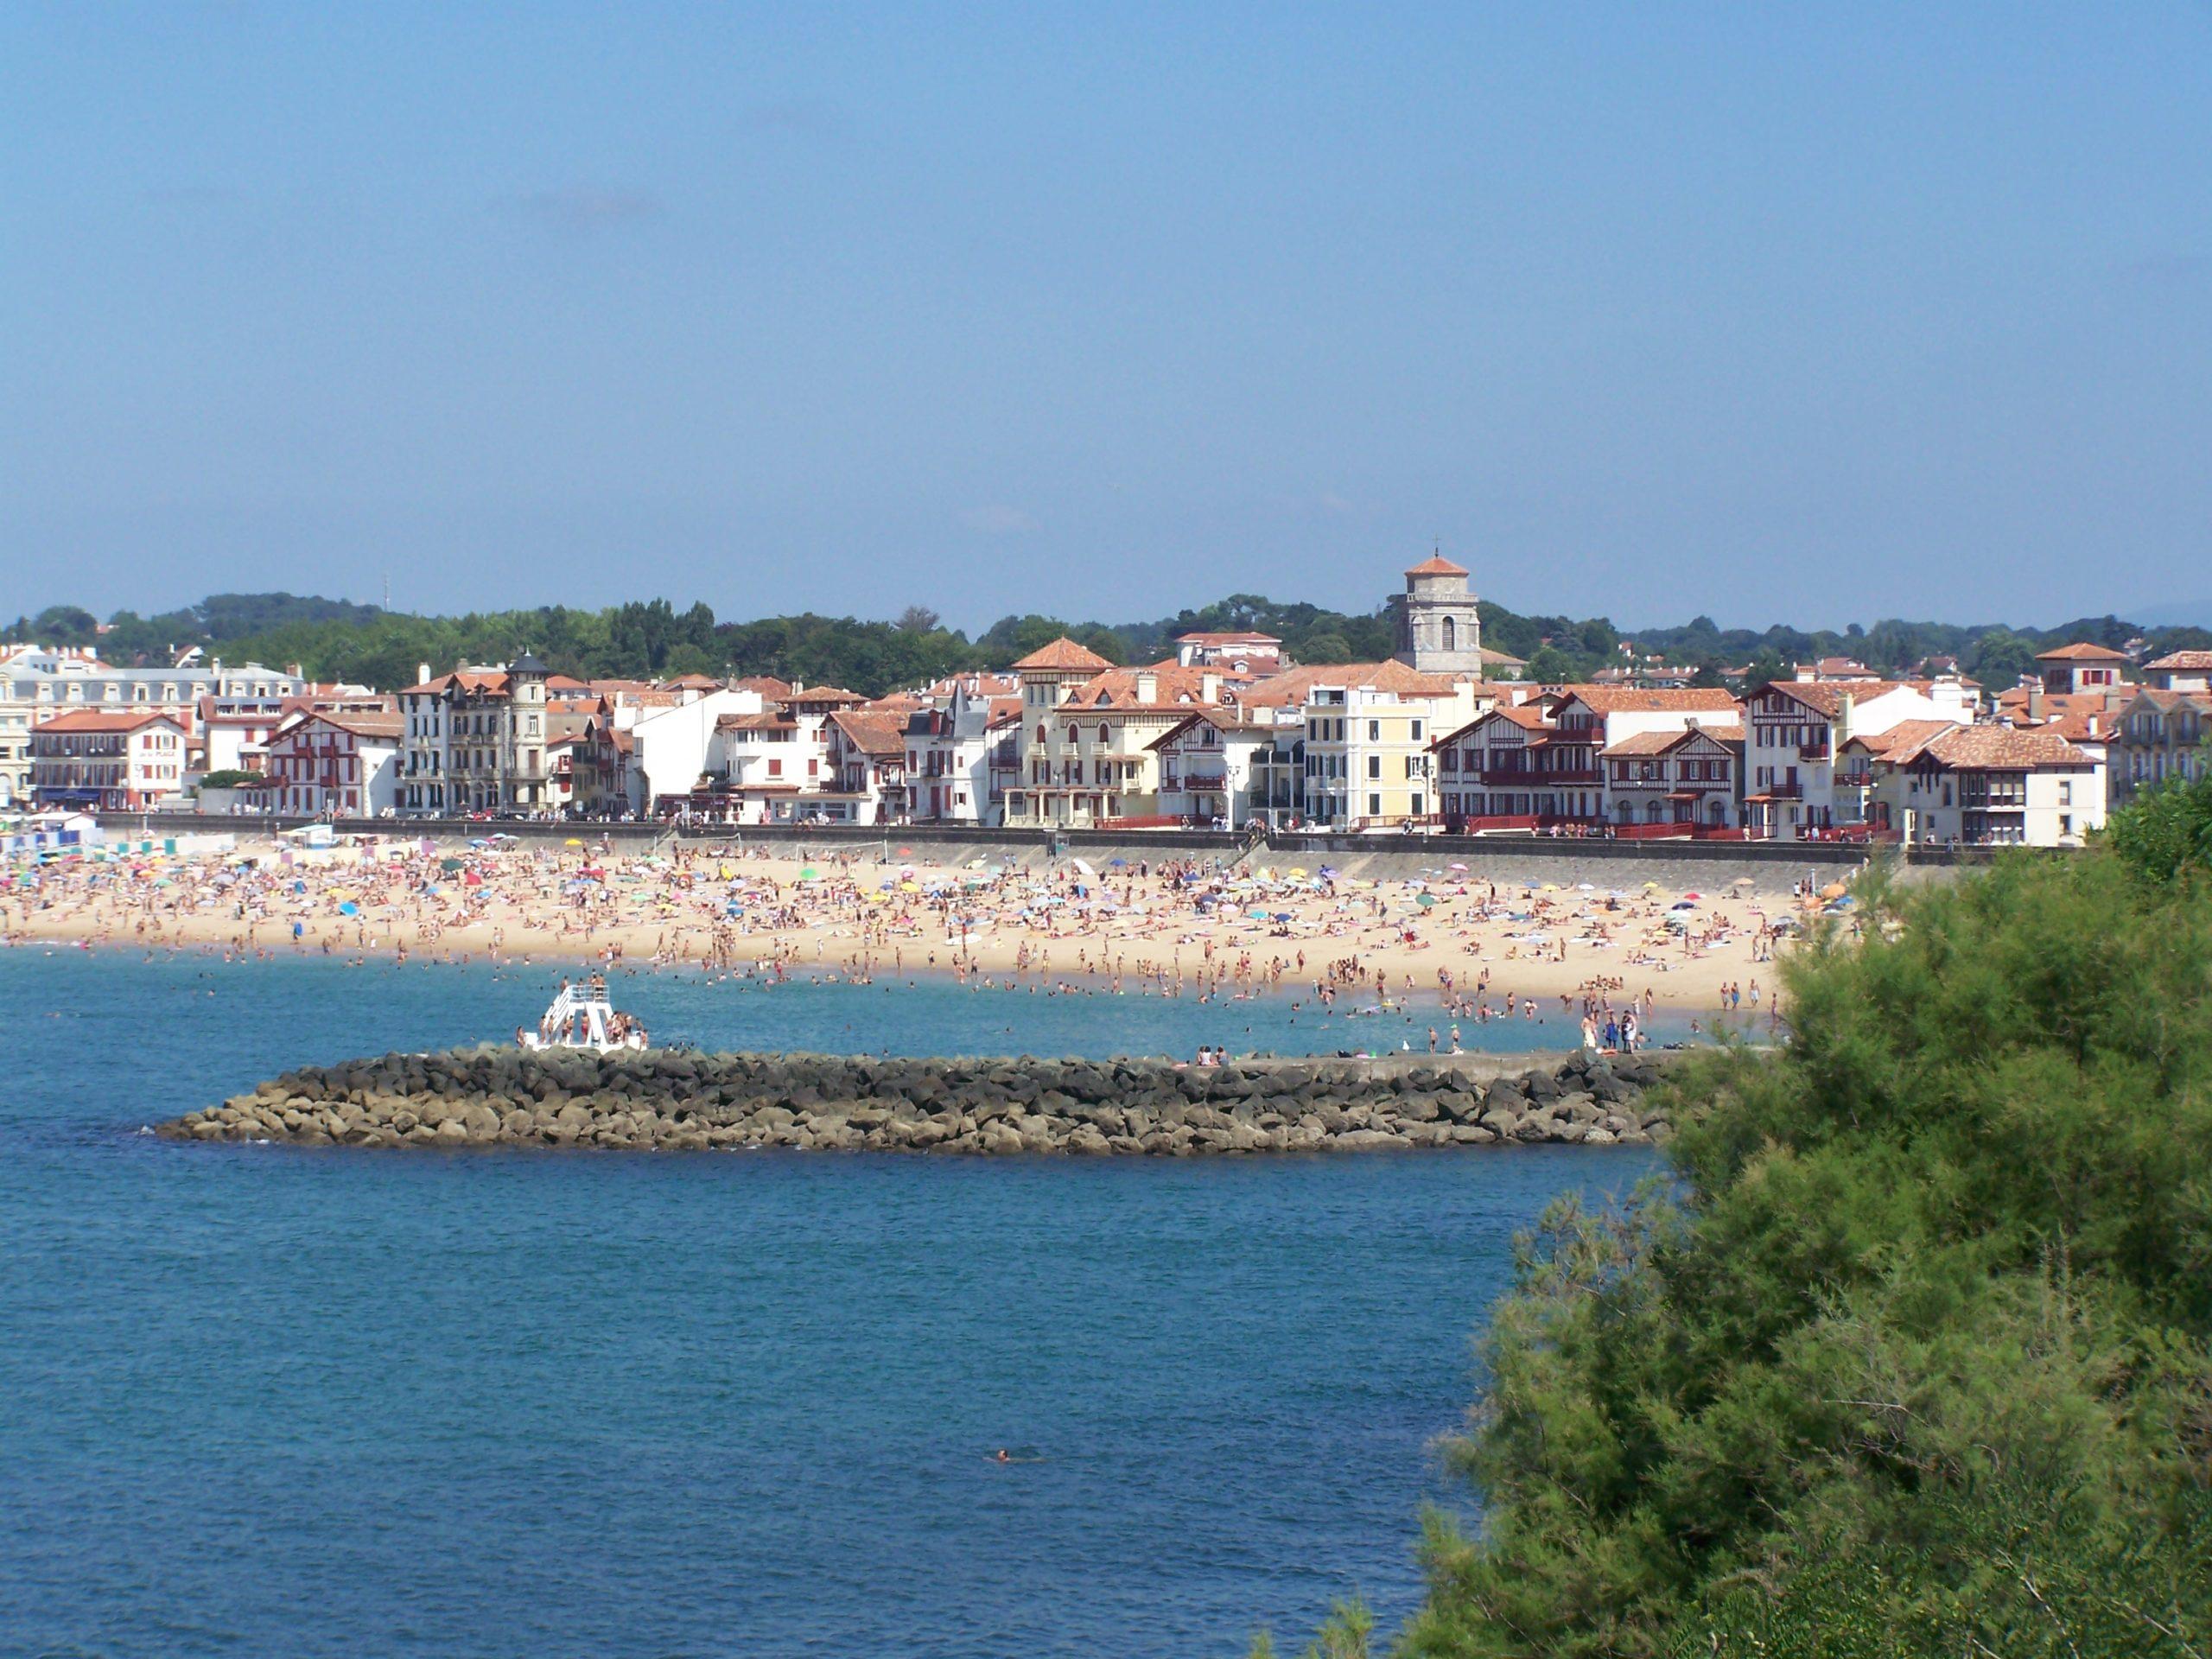 Hotel à Saint Jean de Luz, Le Chantaco, Pays basque, côte basque, La plage